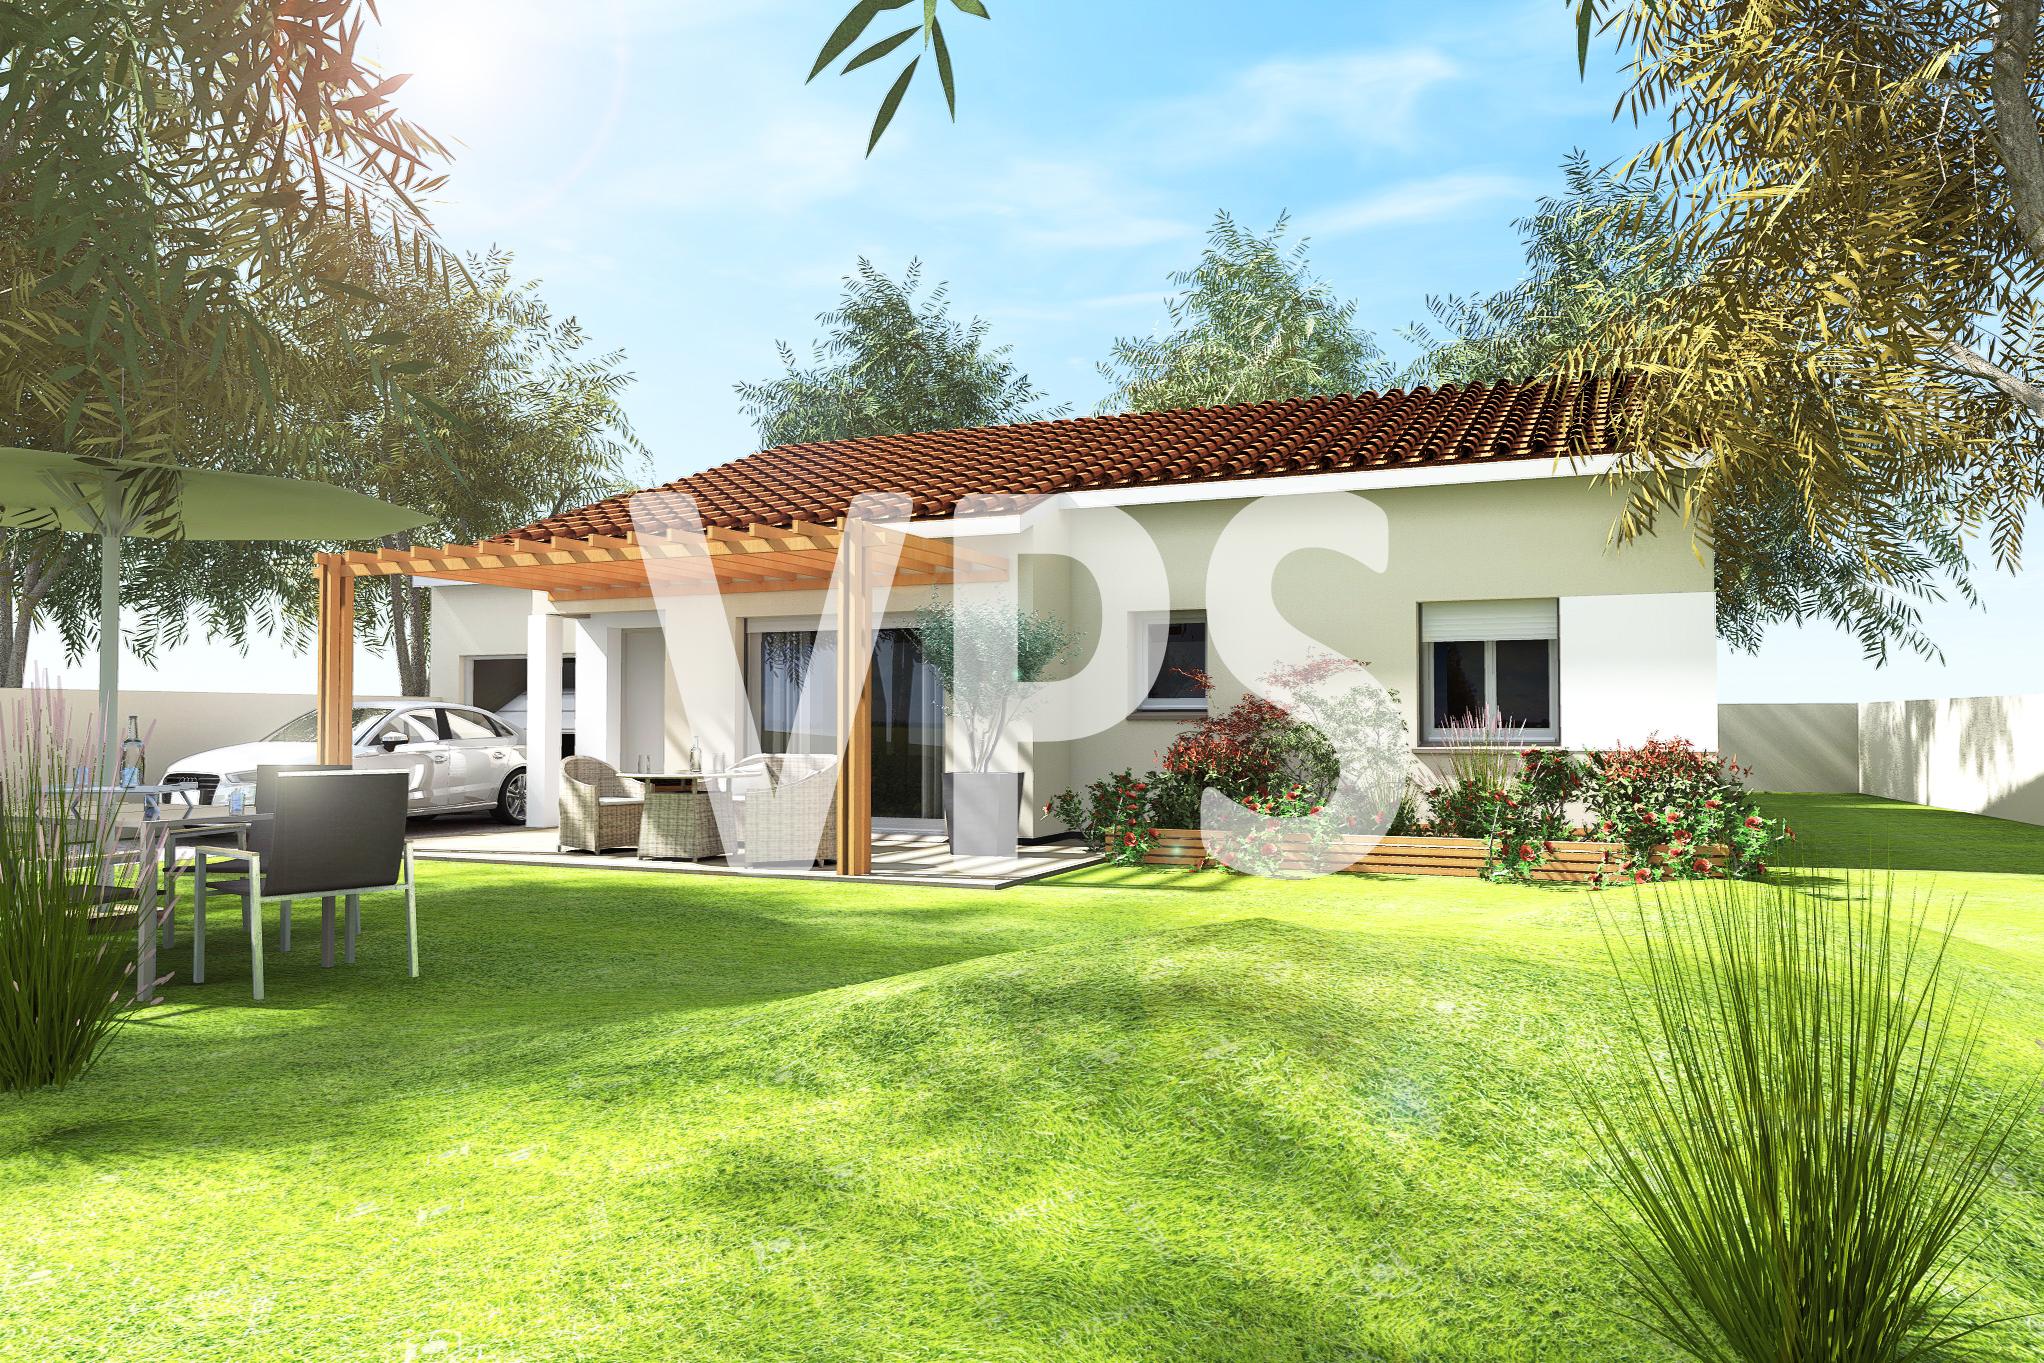 Maisons + Terrains du constructeur VILLAS PLEIN SUD -PRO RENOV26/07-D • 90 m² • VALENCE